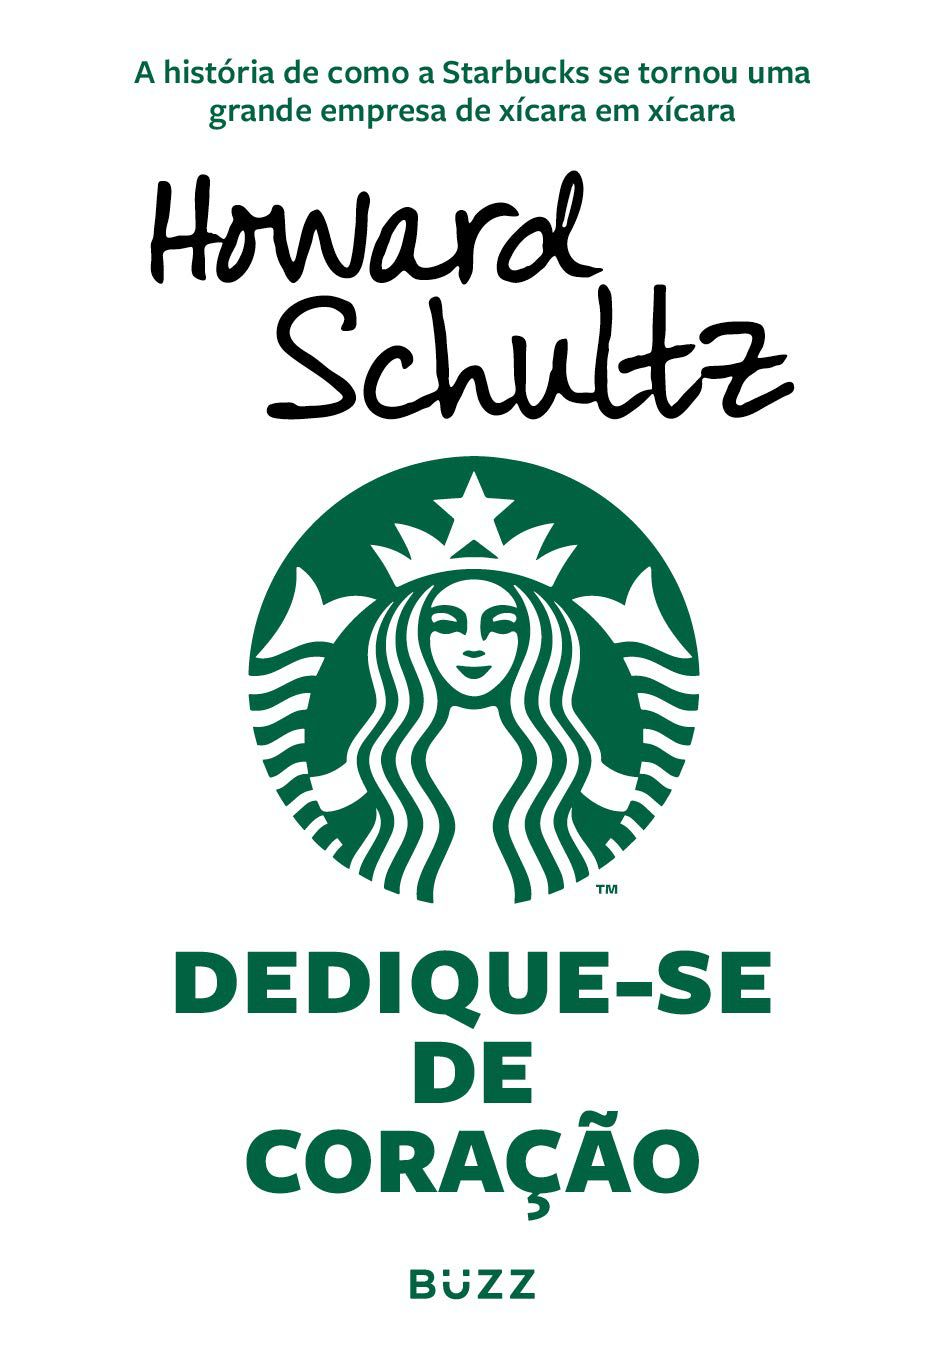 DEDIQUE-SE DE CORACAO